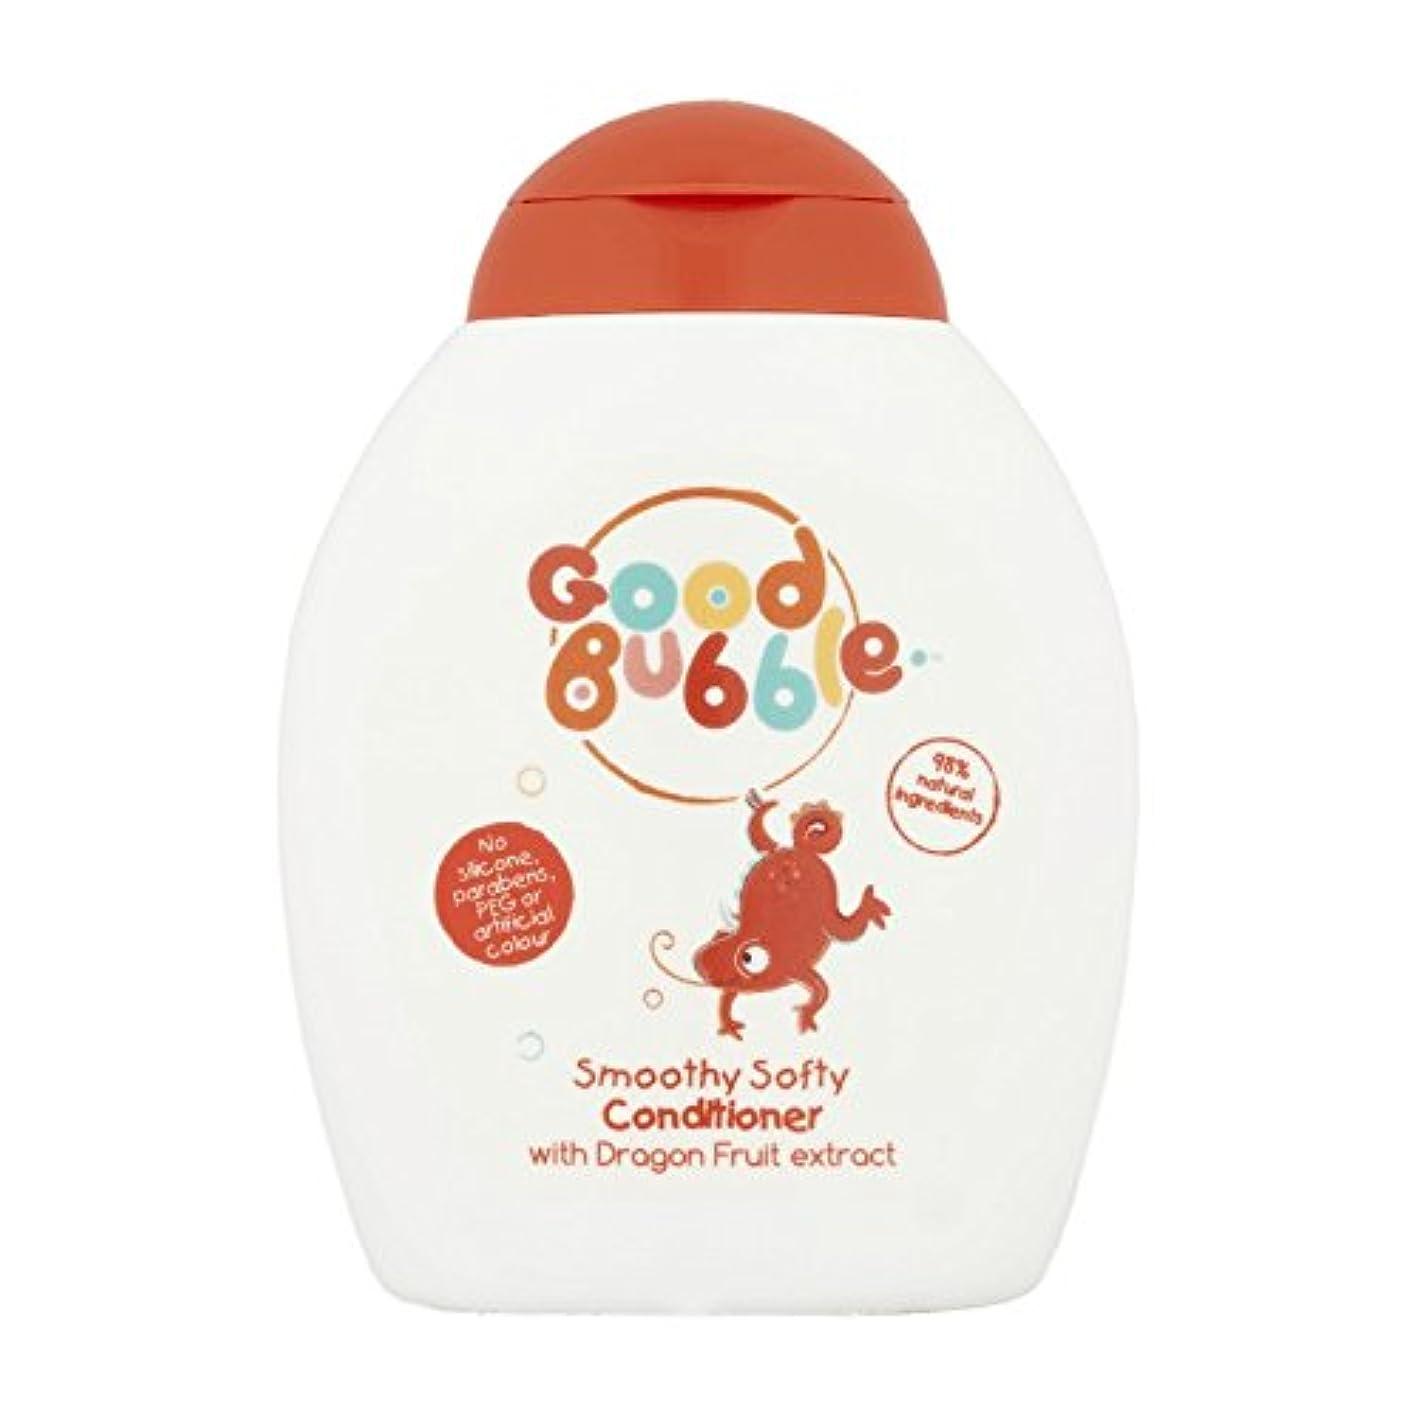 繊維壁教え良いバブルドラゴンフルーツコンディショナー250ミリリットル - Good Bubble Dragon Fruit Conditioner 250ml (Good Bubble) [並行輸入品]